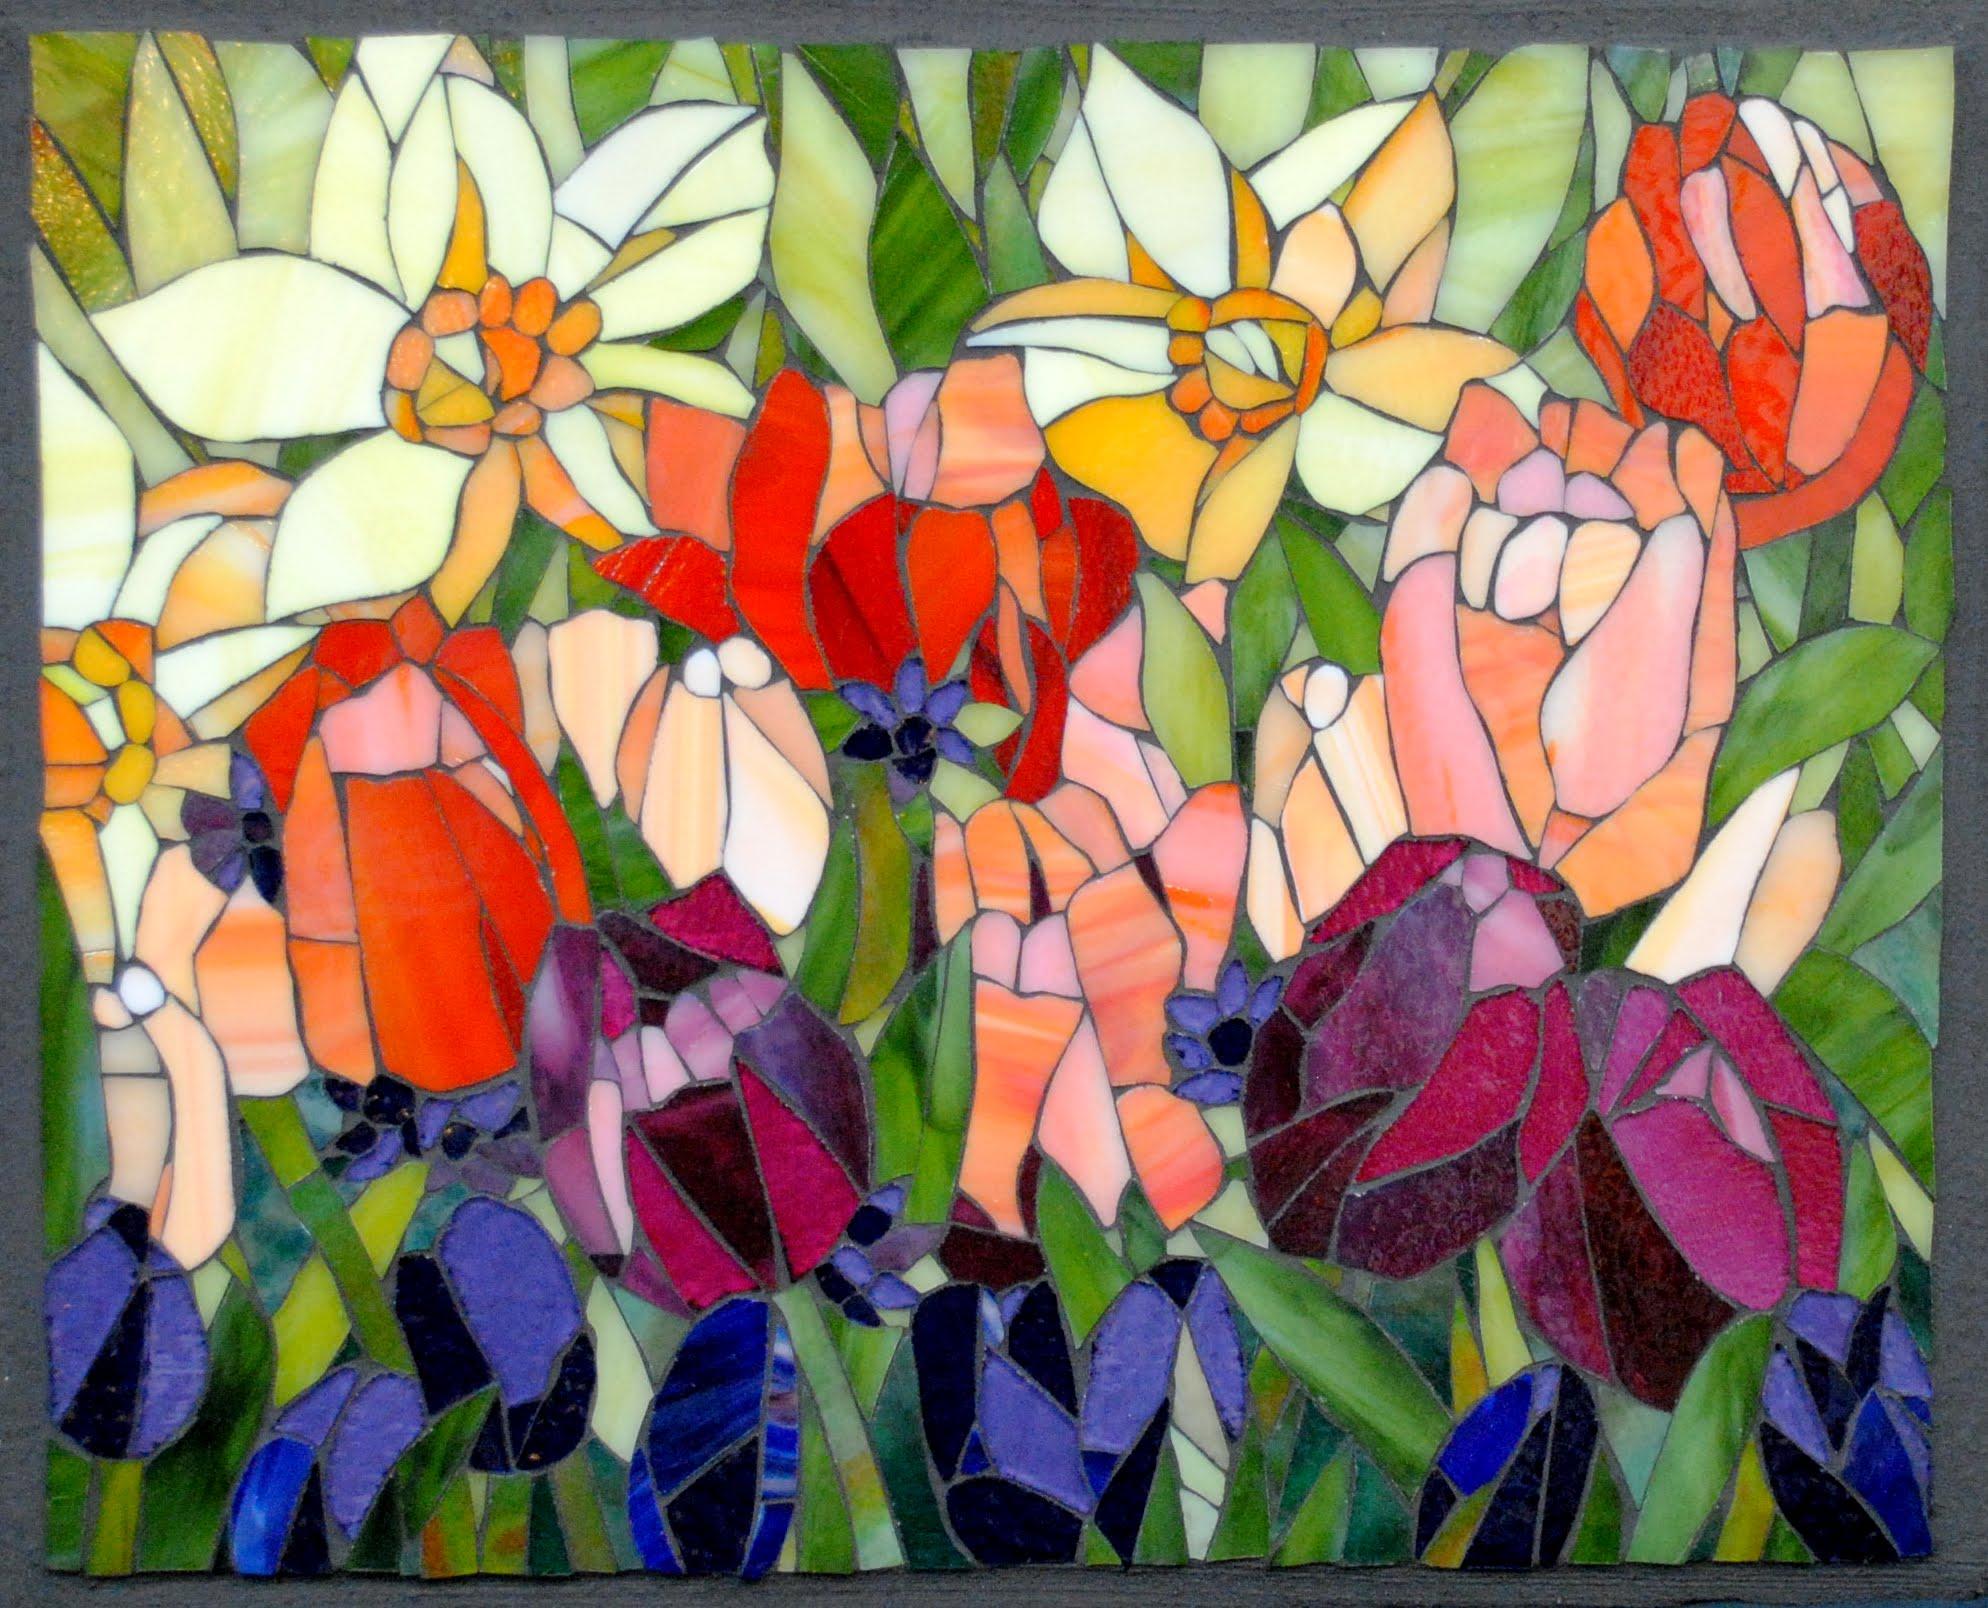 Come Spring by Brenda Pokorny